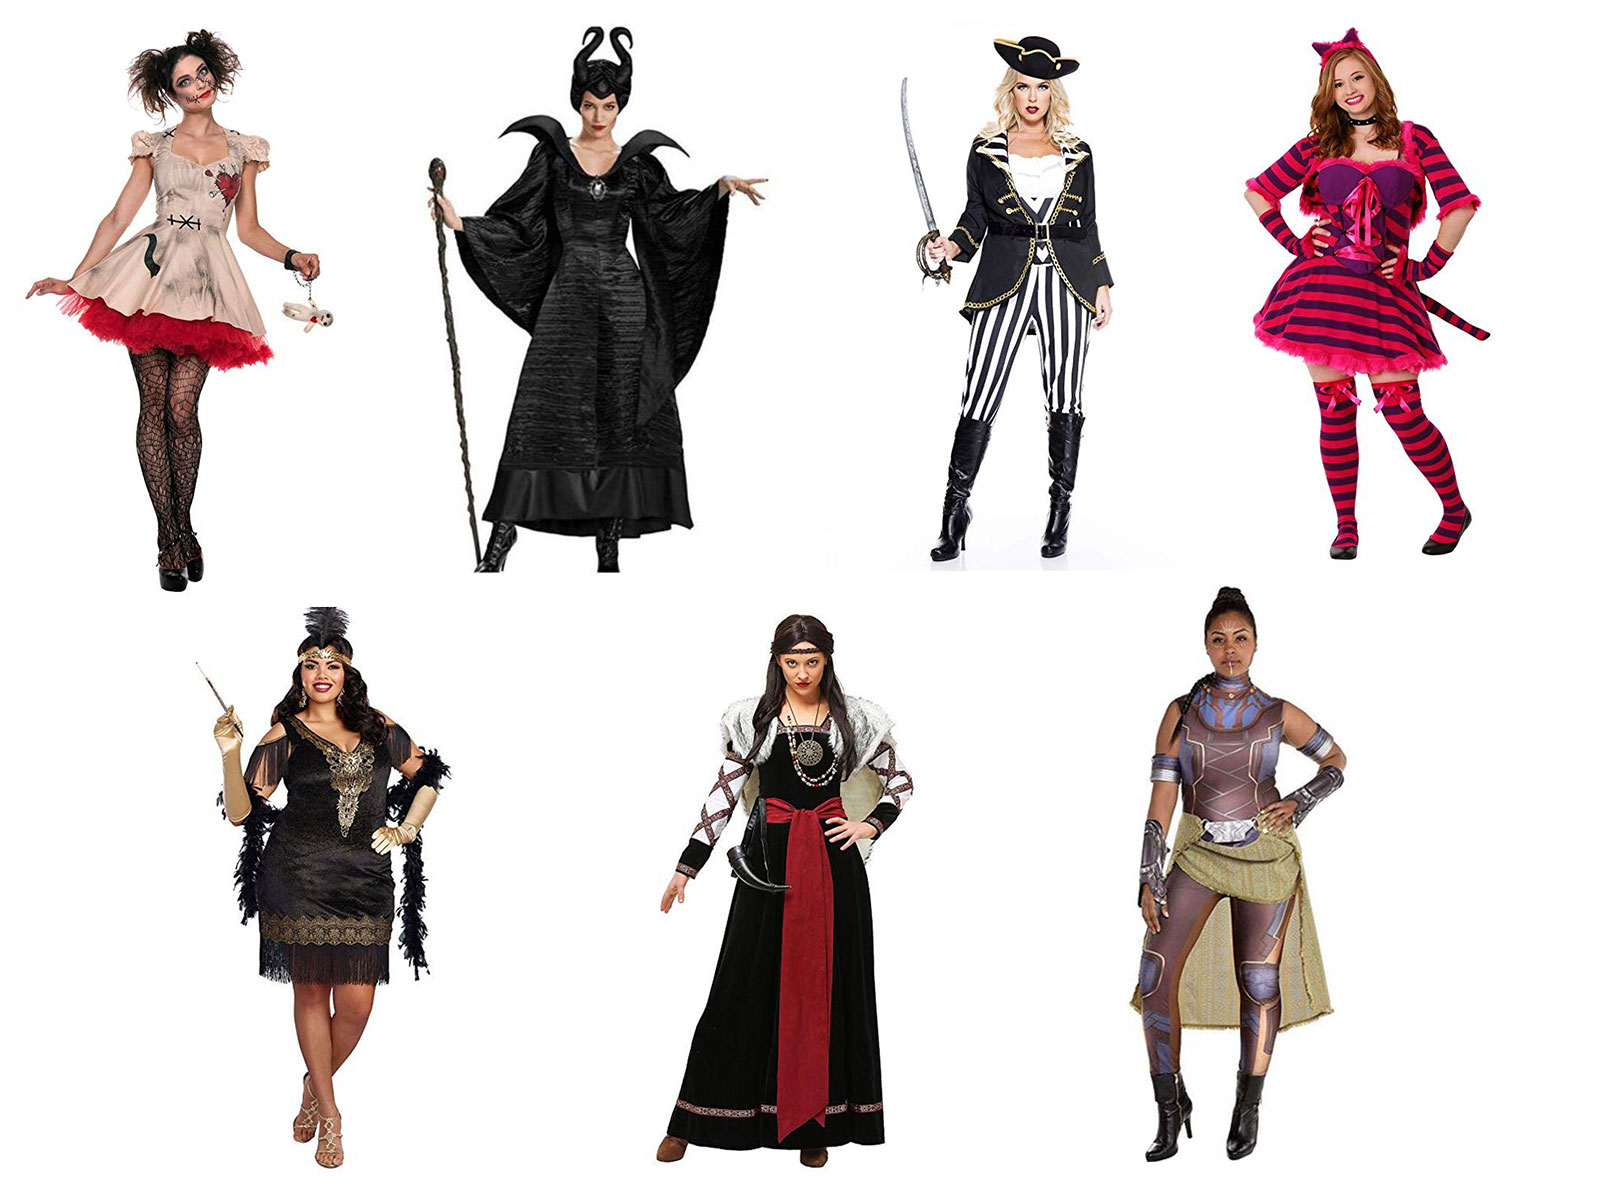 25-Best-Plus-Size-Halloween-Costume-Ideas-For-Men-Women-2019-F